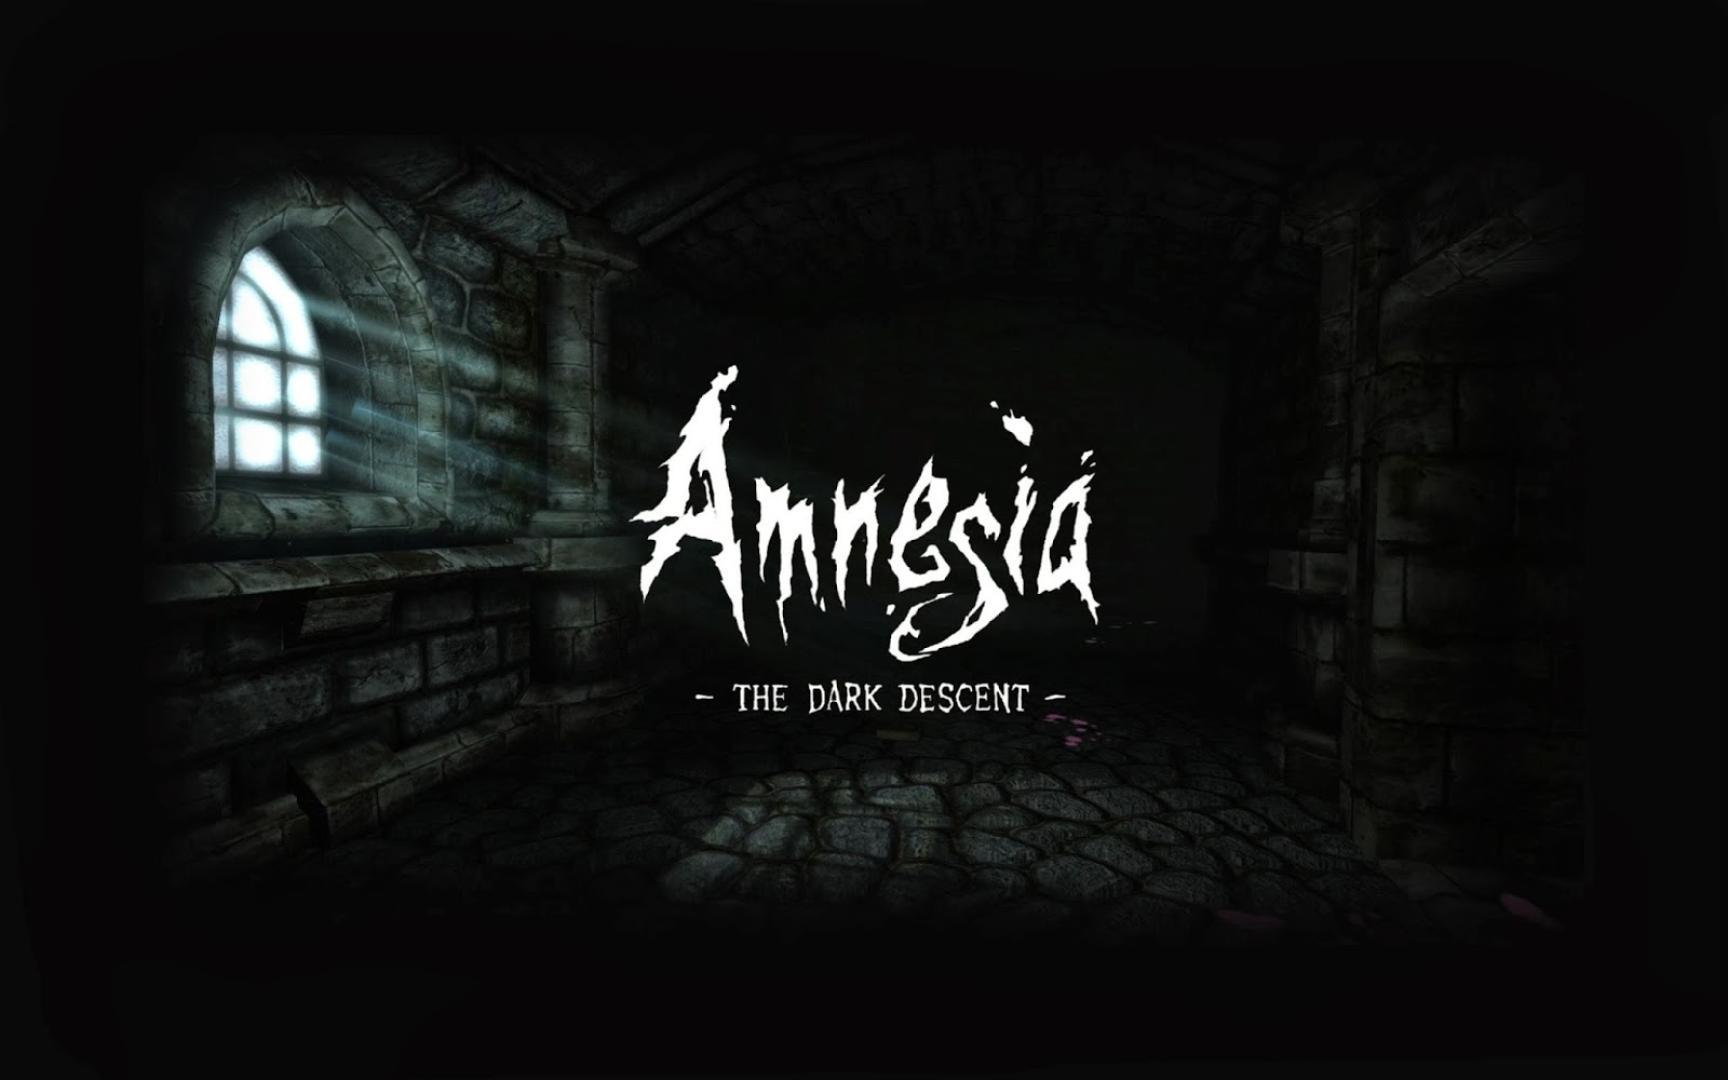 Amnesia – The Dark Descent (2010)